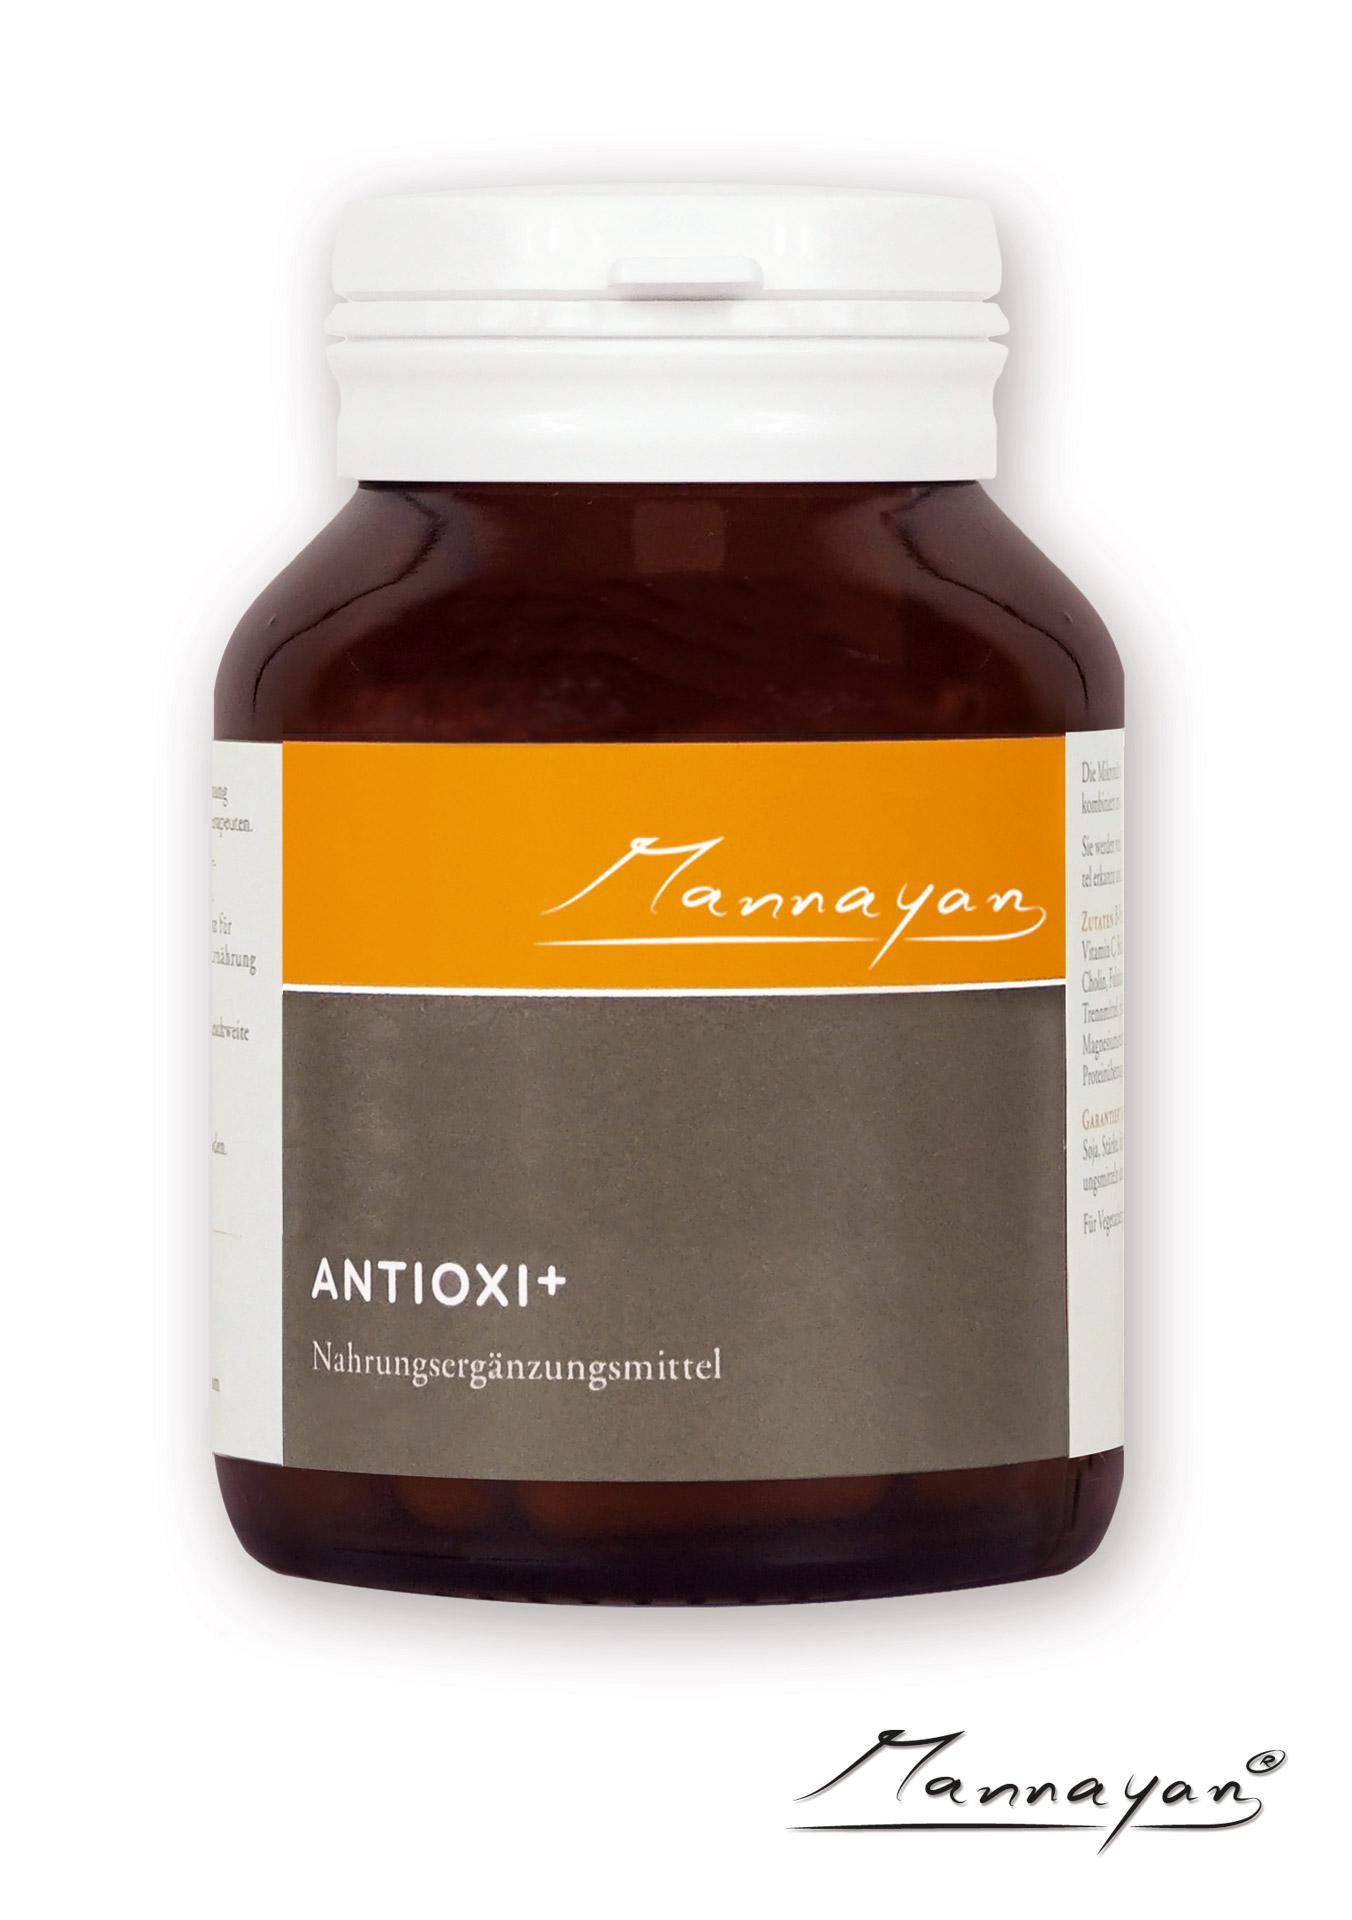 Antioxi+ von Mannayan